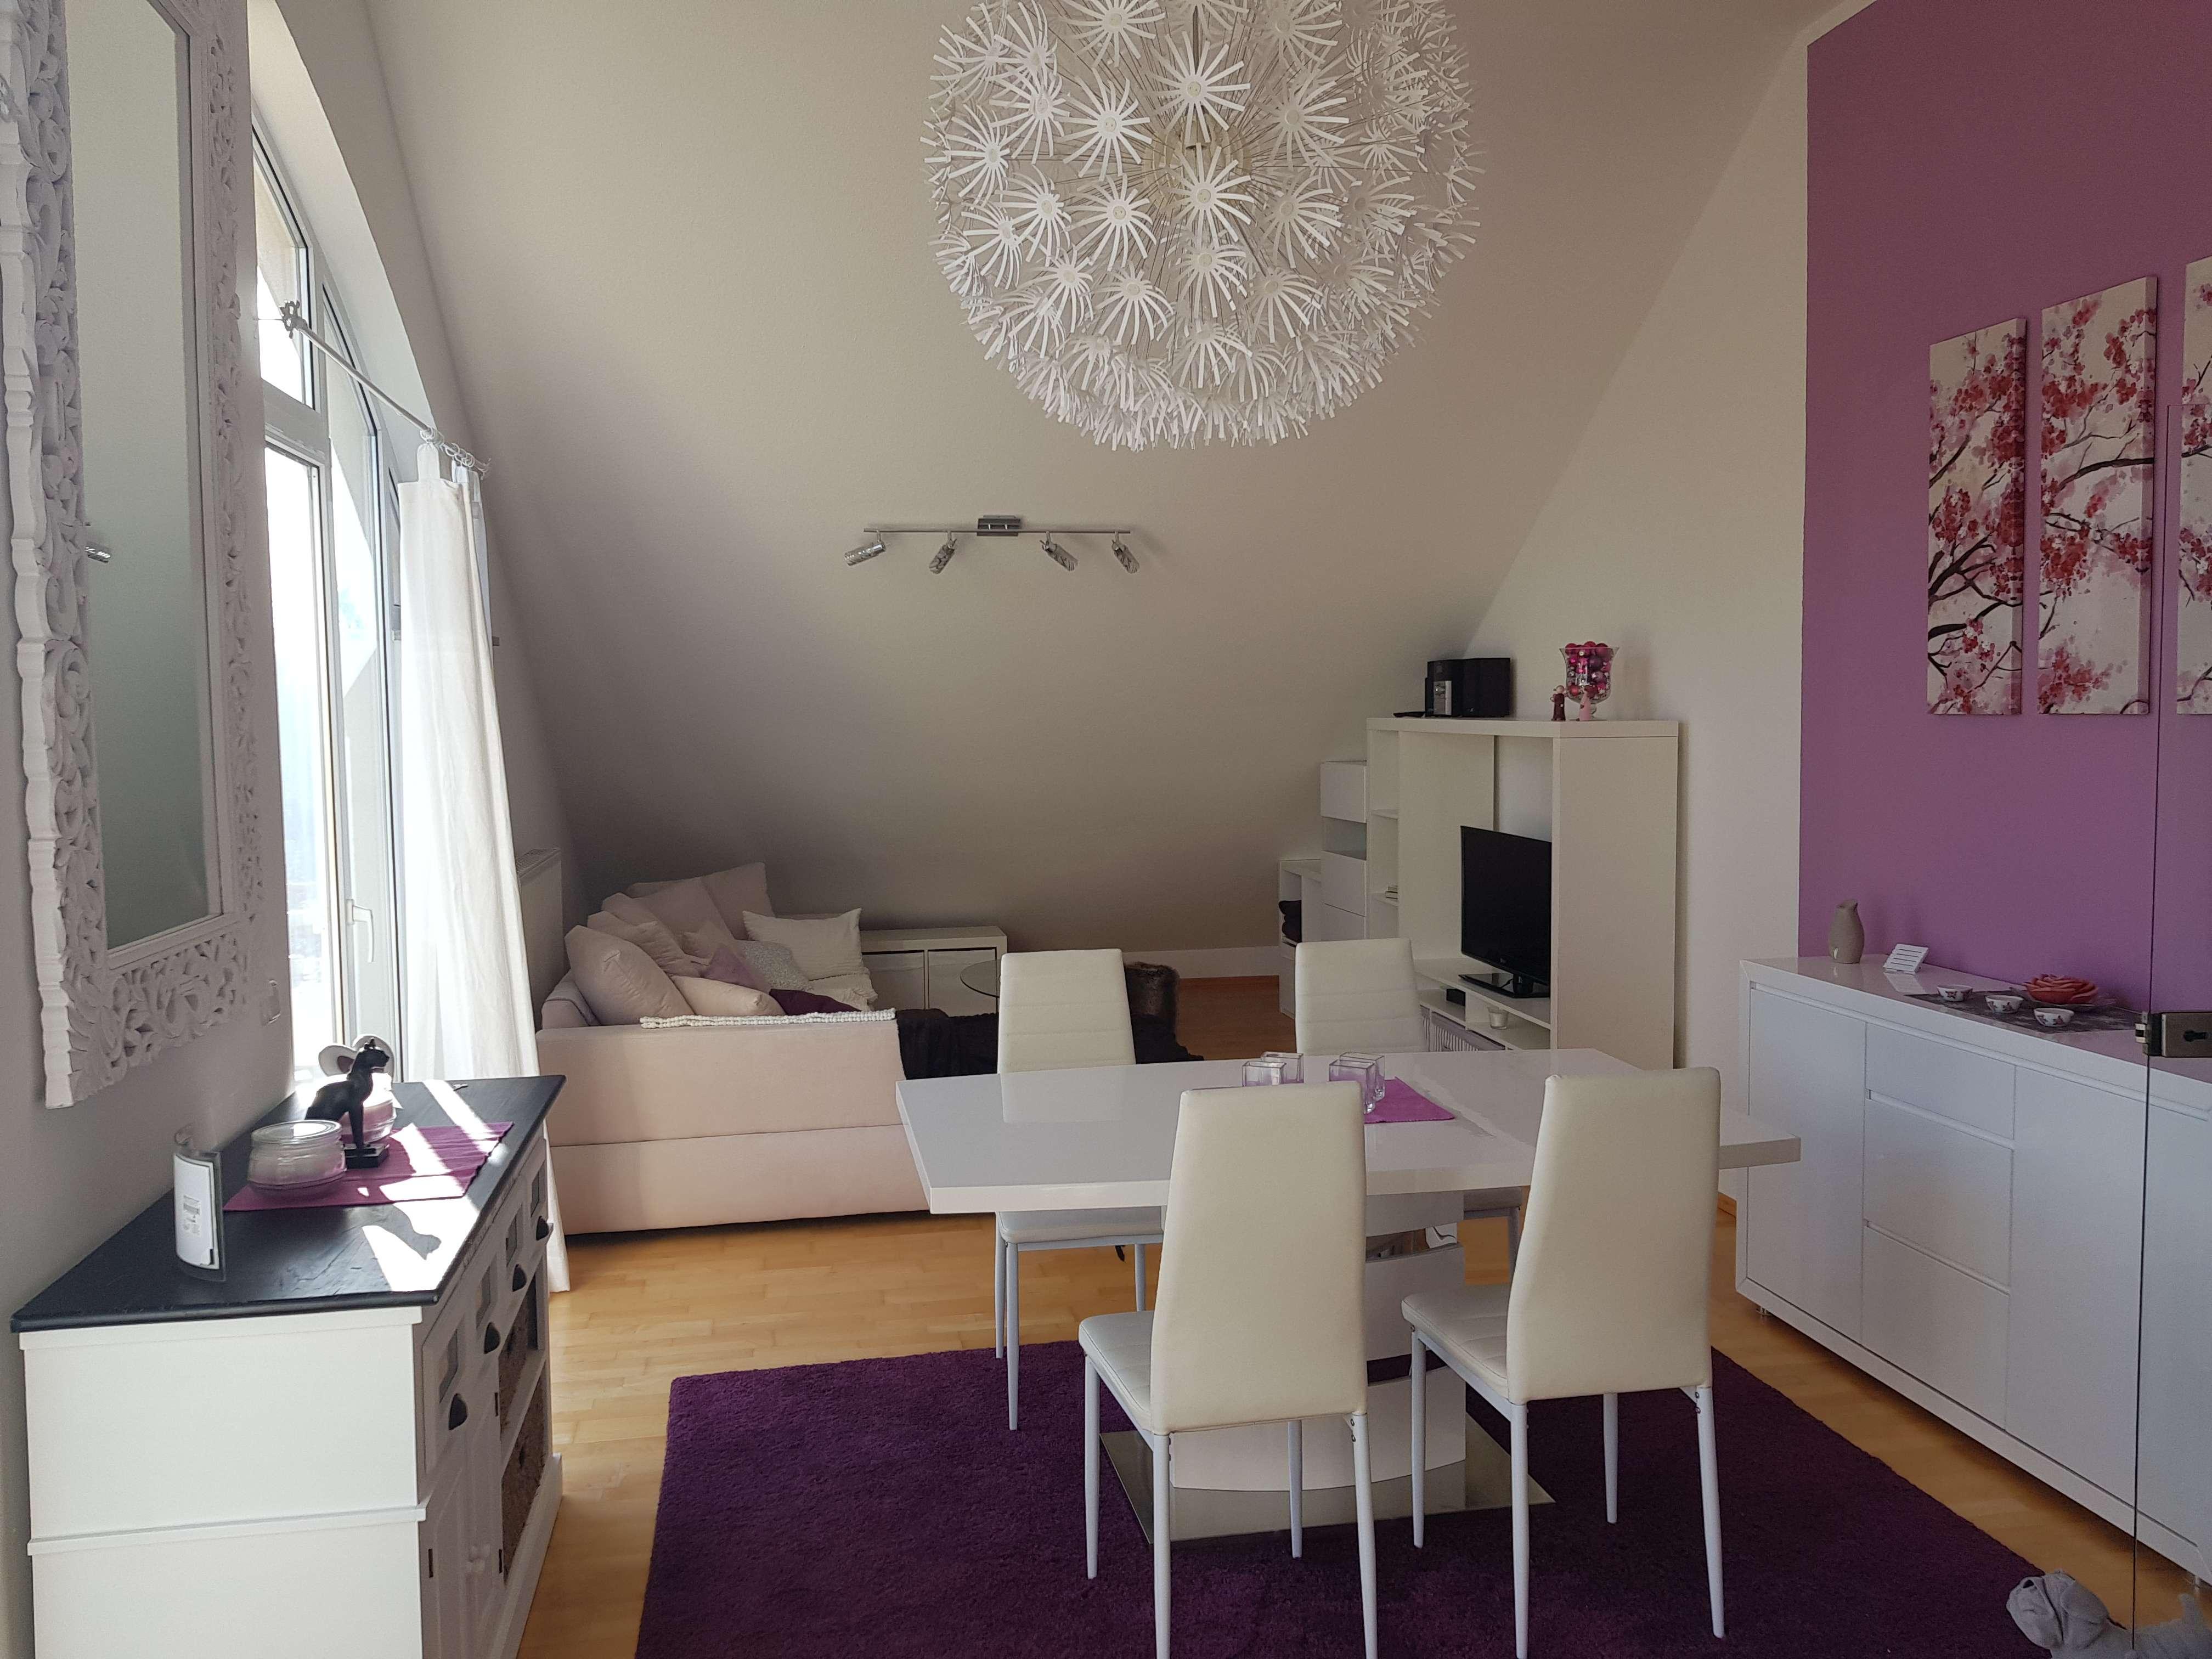 Stilvoll eingerichtete 2-Zimmer Dachgeschosswohnung in schöner Wohngegend